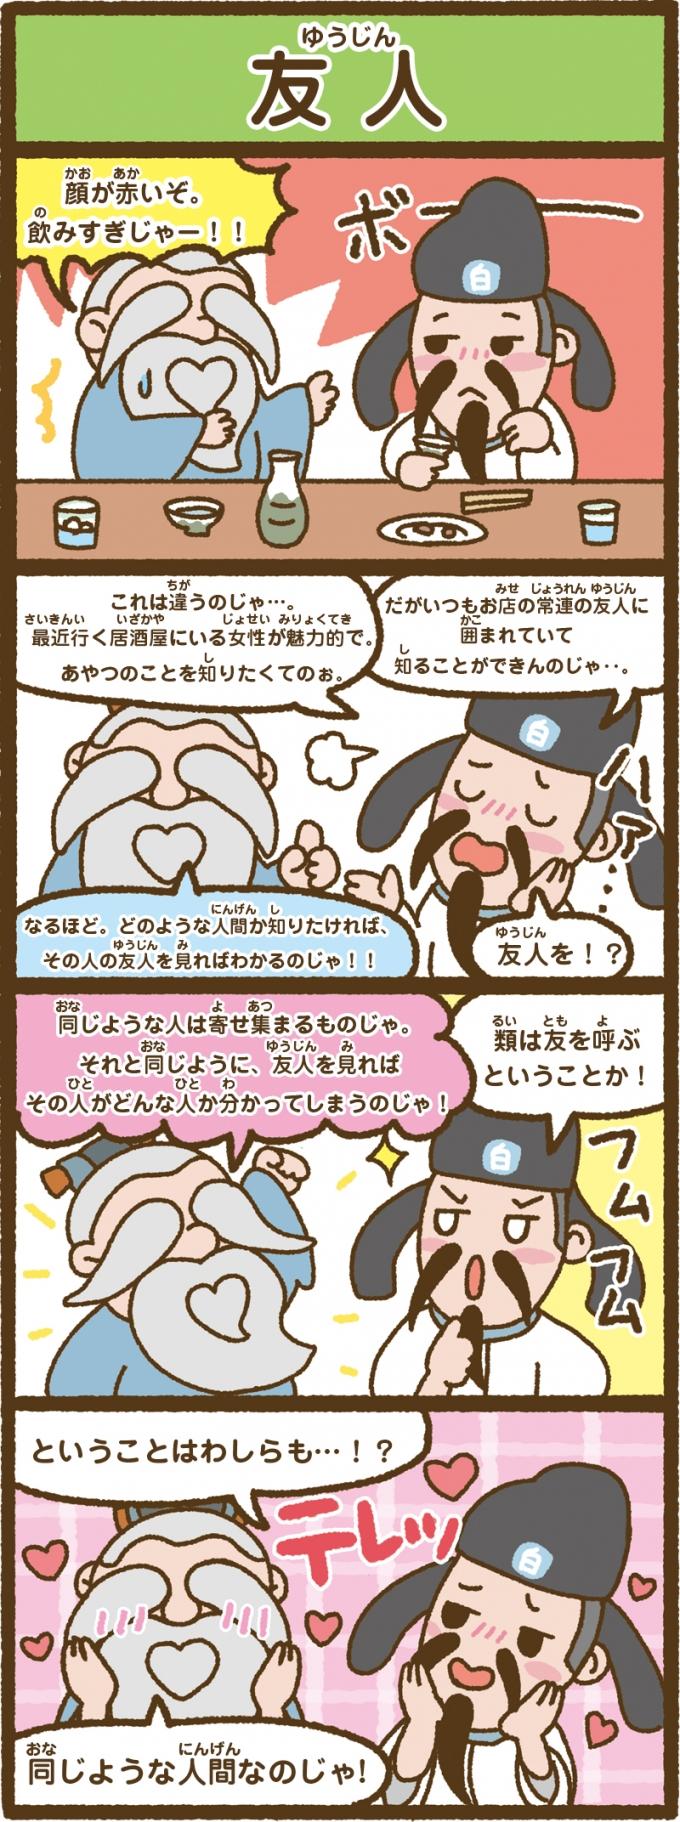 中国の人気ゆるキャラ『孔子爺や』の4コマ漫画第9弾~第10弾の画像2枚目